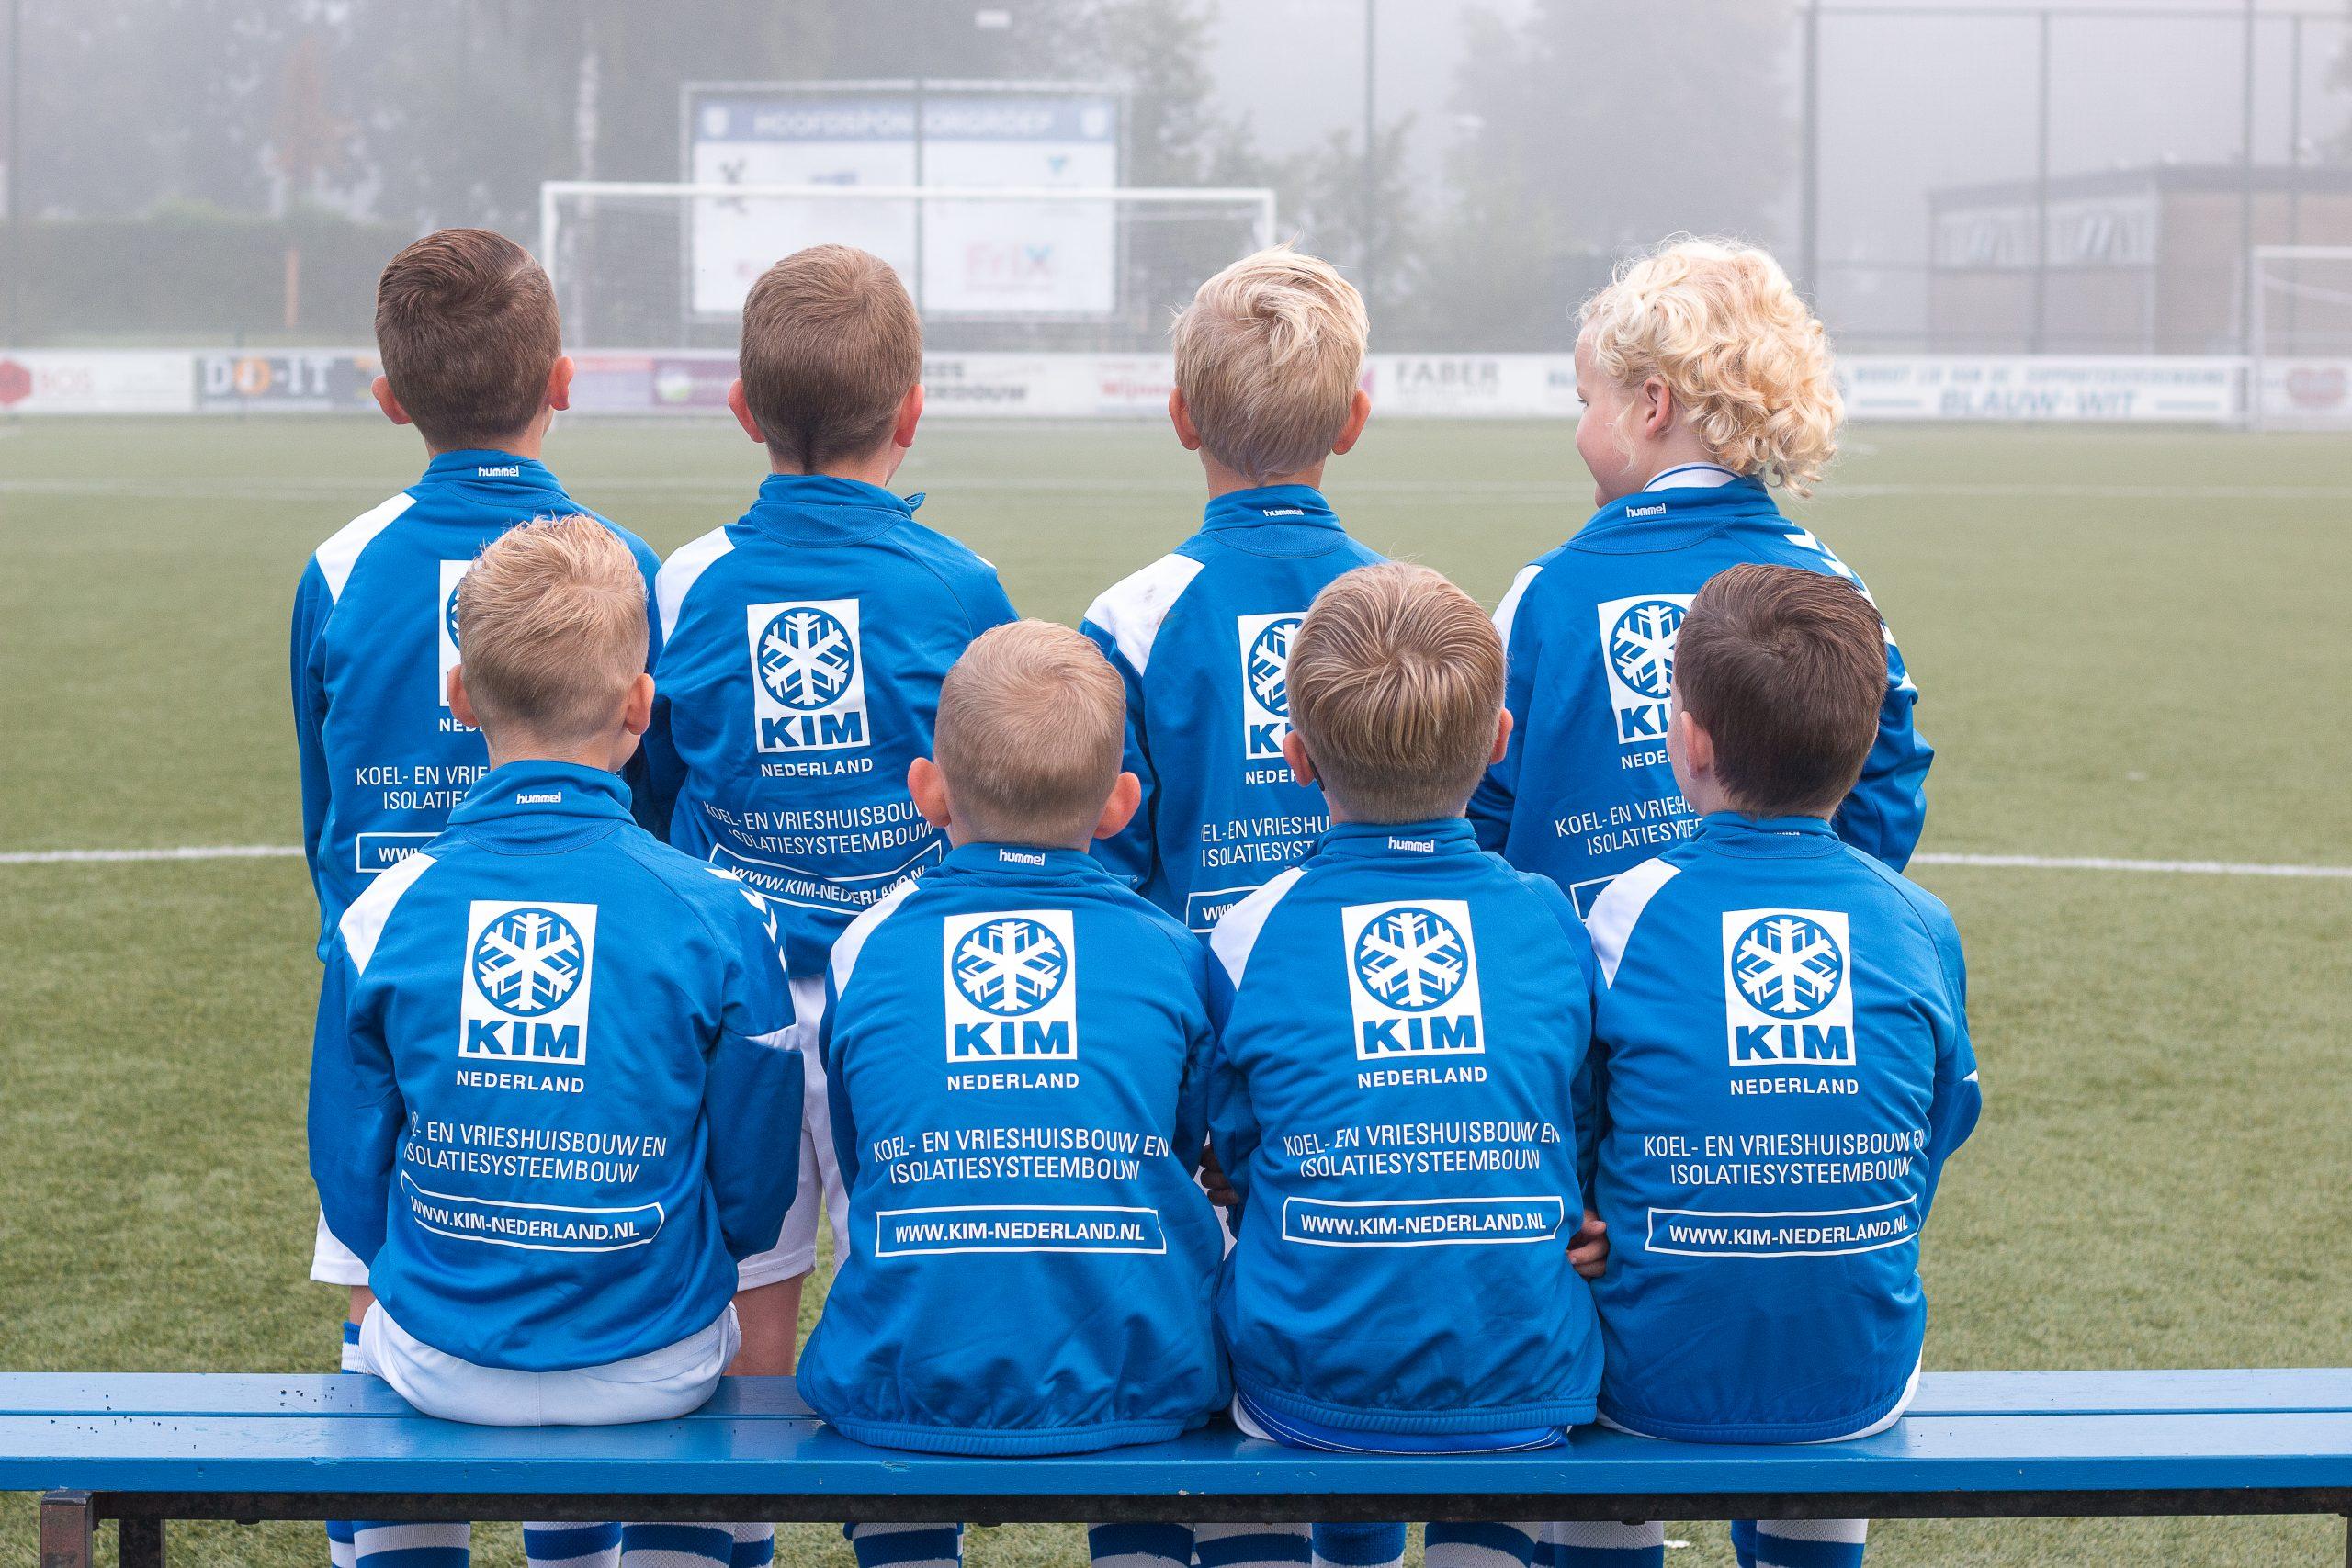 K.I.M. Nederland sponsor nieuwe trainingspakken JO9-1 - Elburger SC